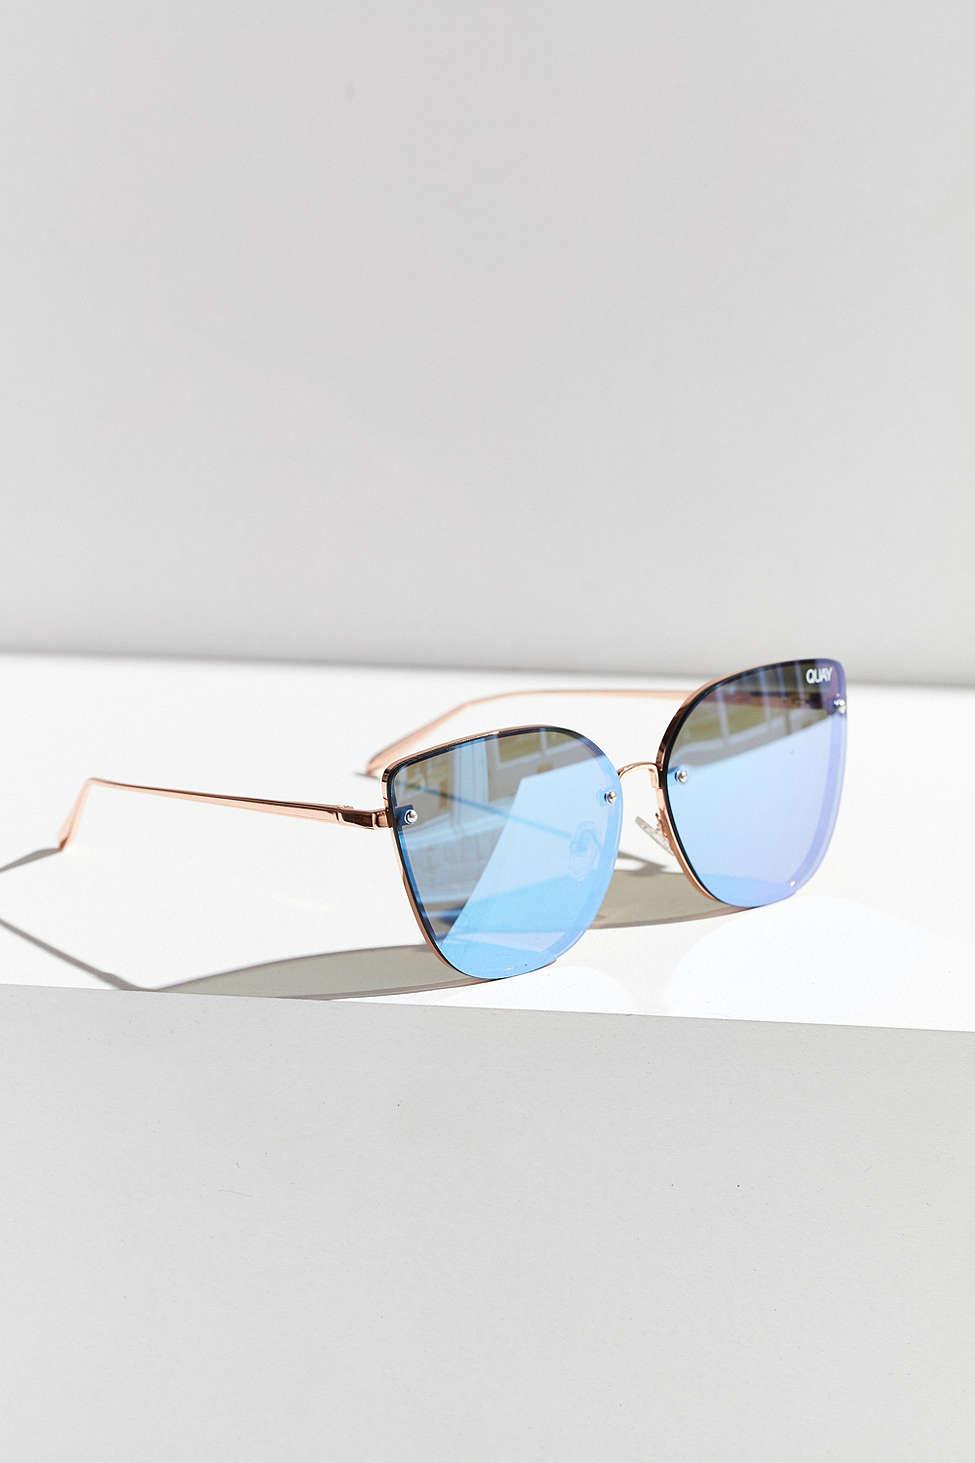 Quay Lexi Cateye No Frame Sunglasses $60.jpg